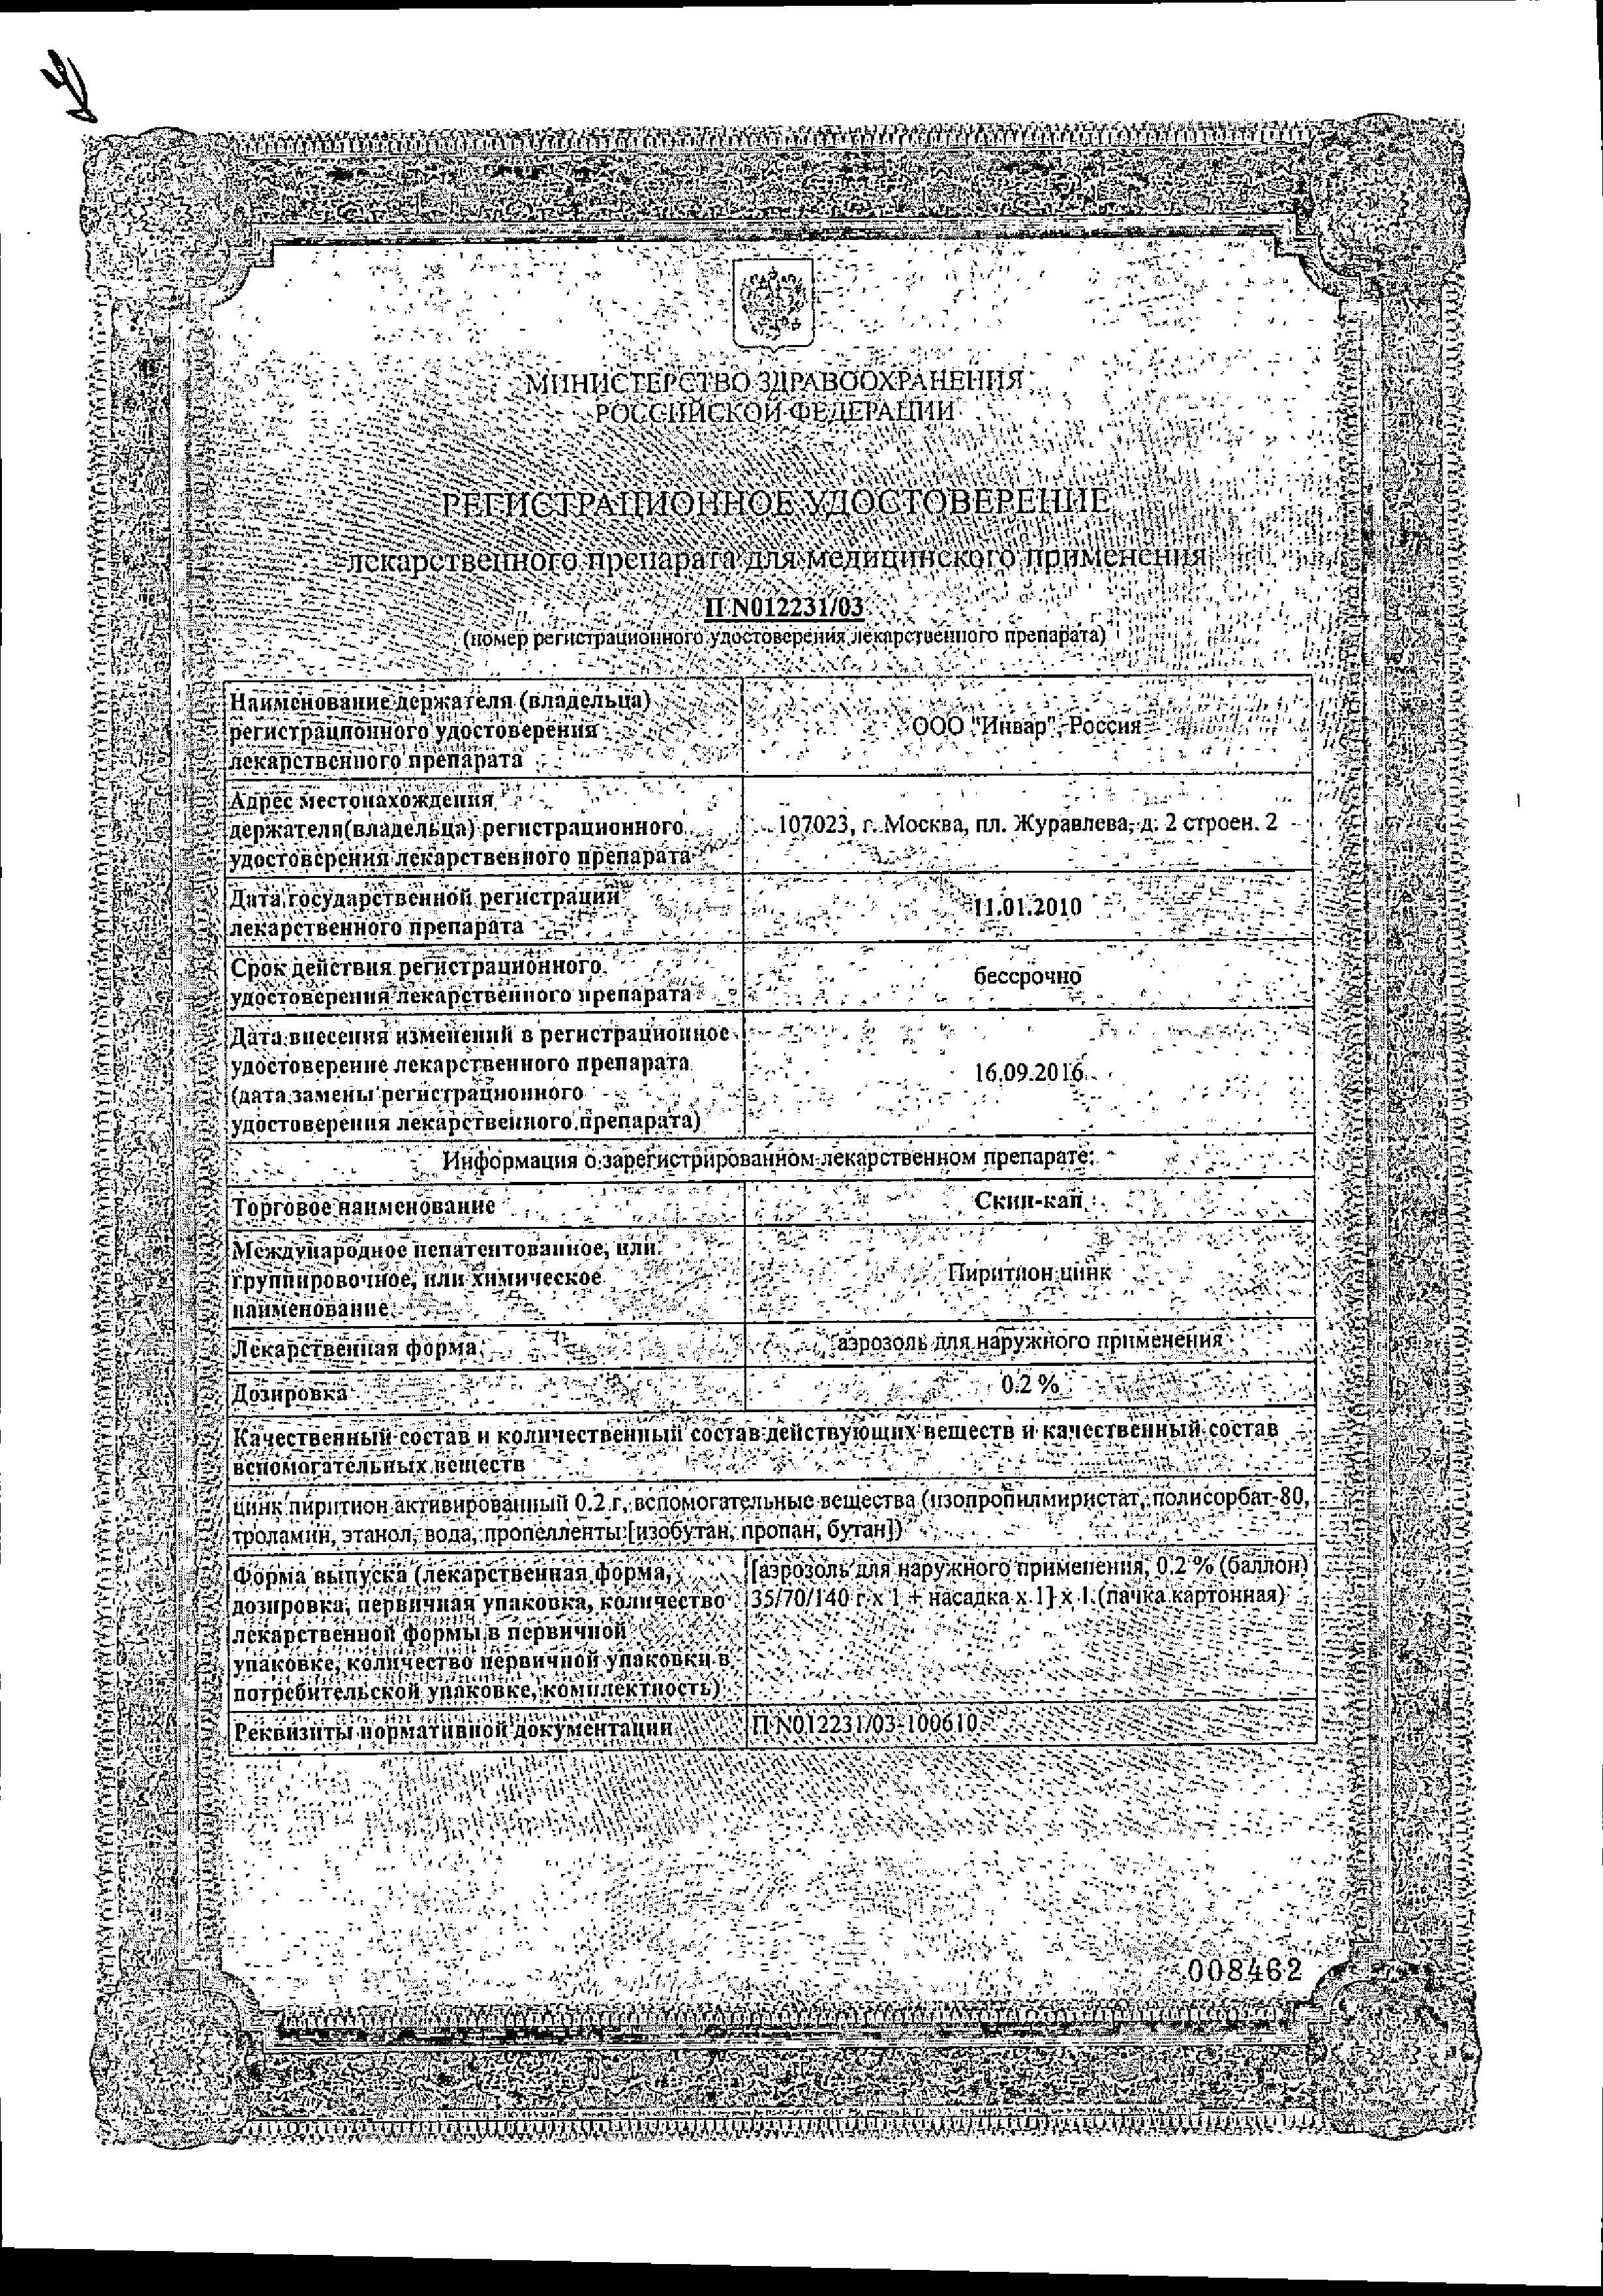 Скин-кап сертификат